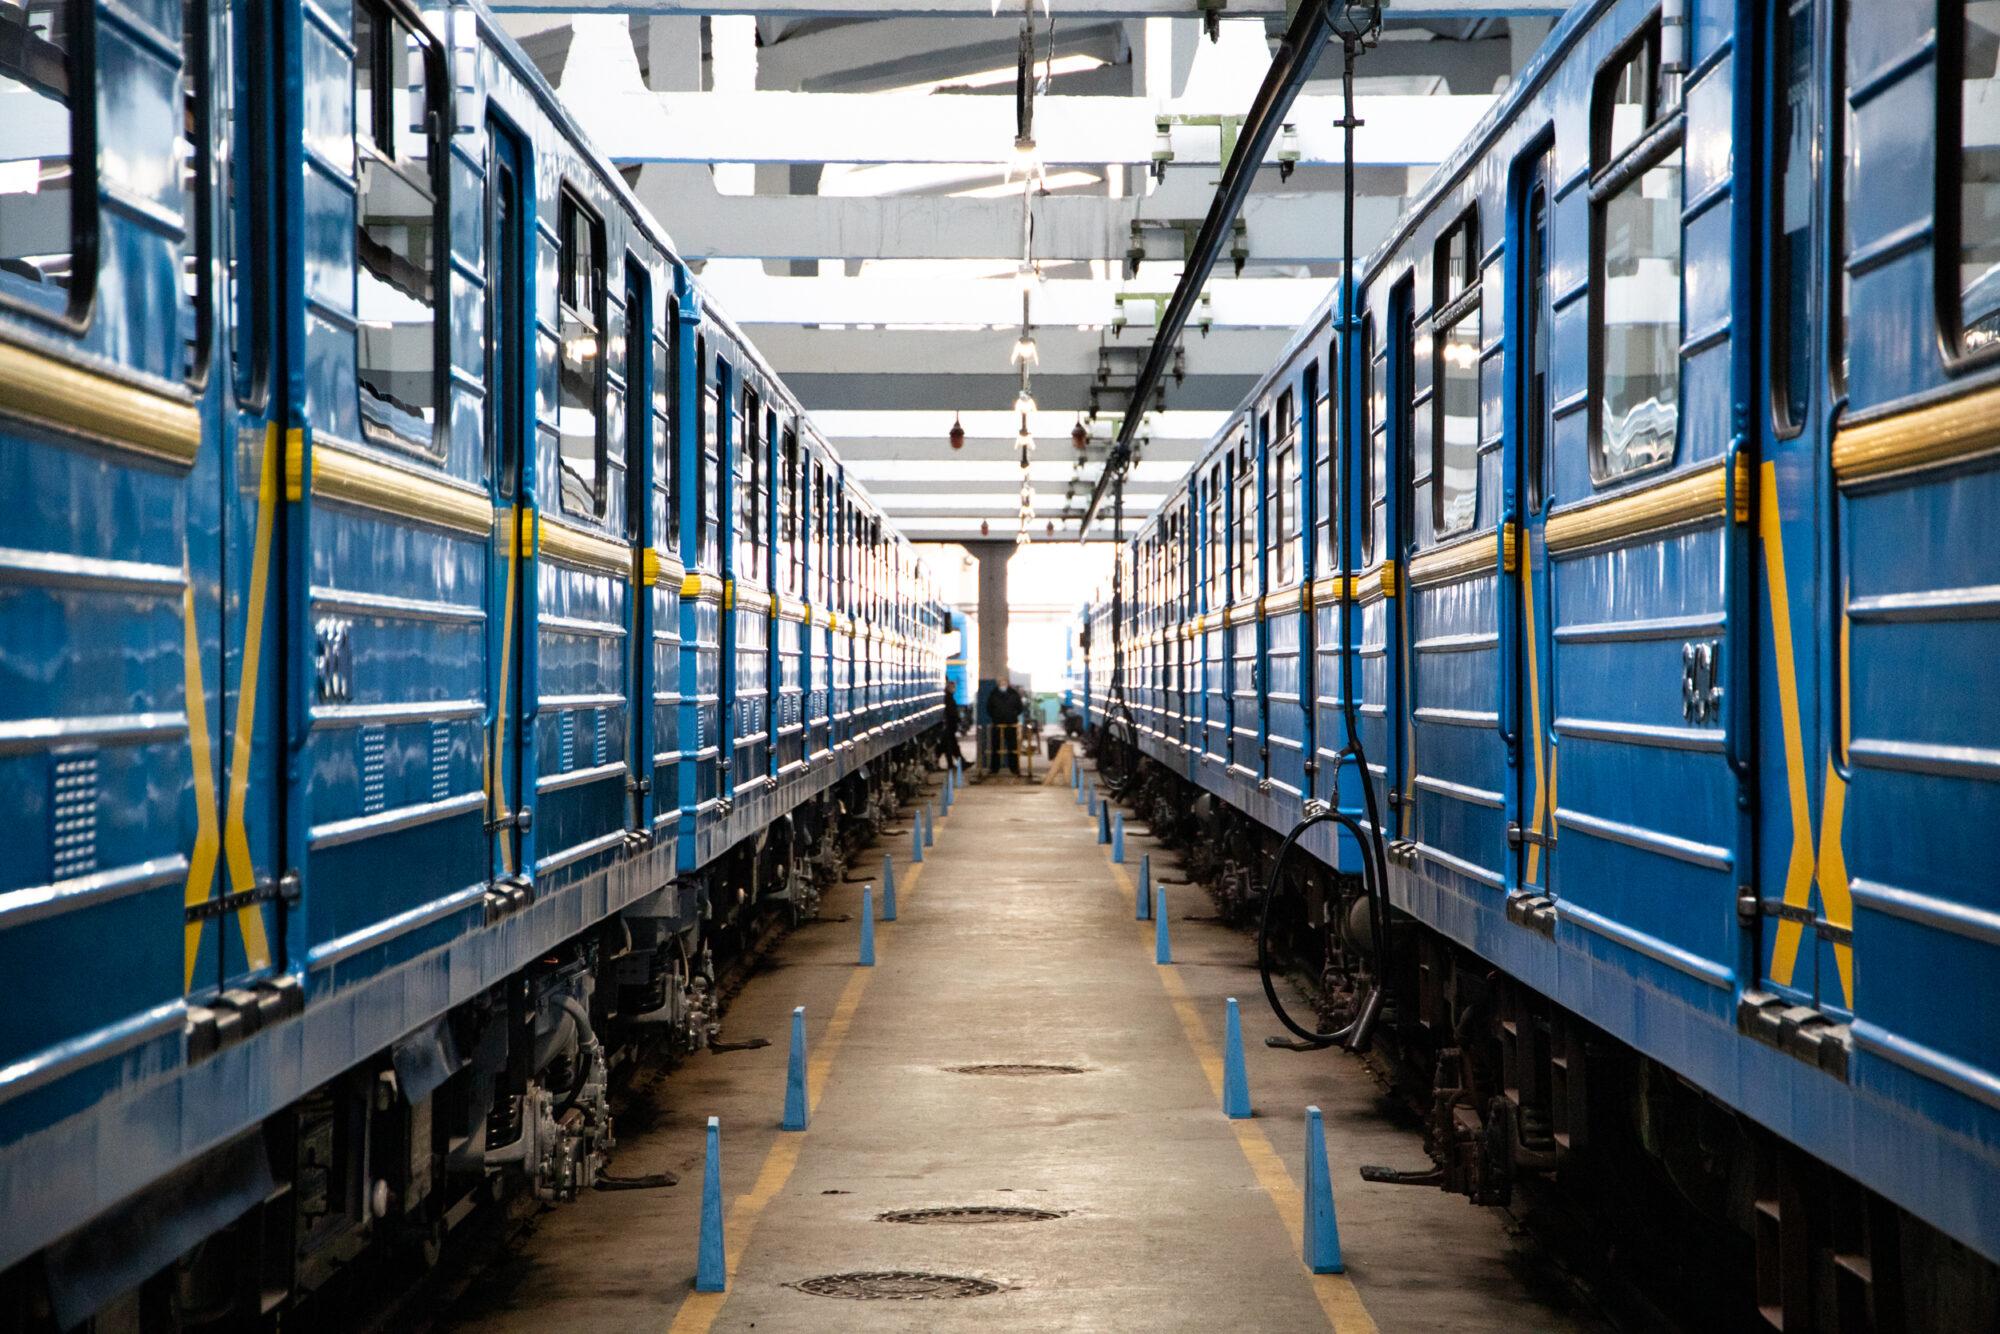 Київський метрополітен відремонтував 5 вагонів за 35 млн грн - Ремонт, метрополітен, вагони - imgbig 2 1 2000x1334